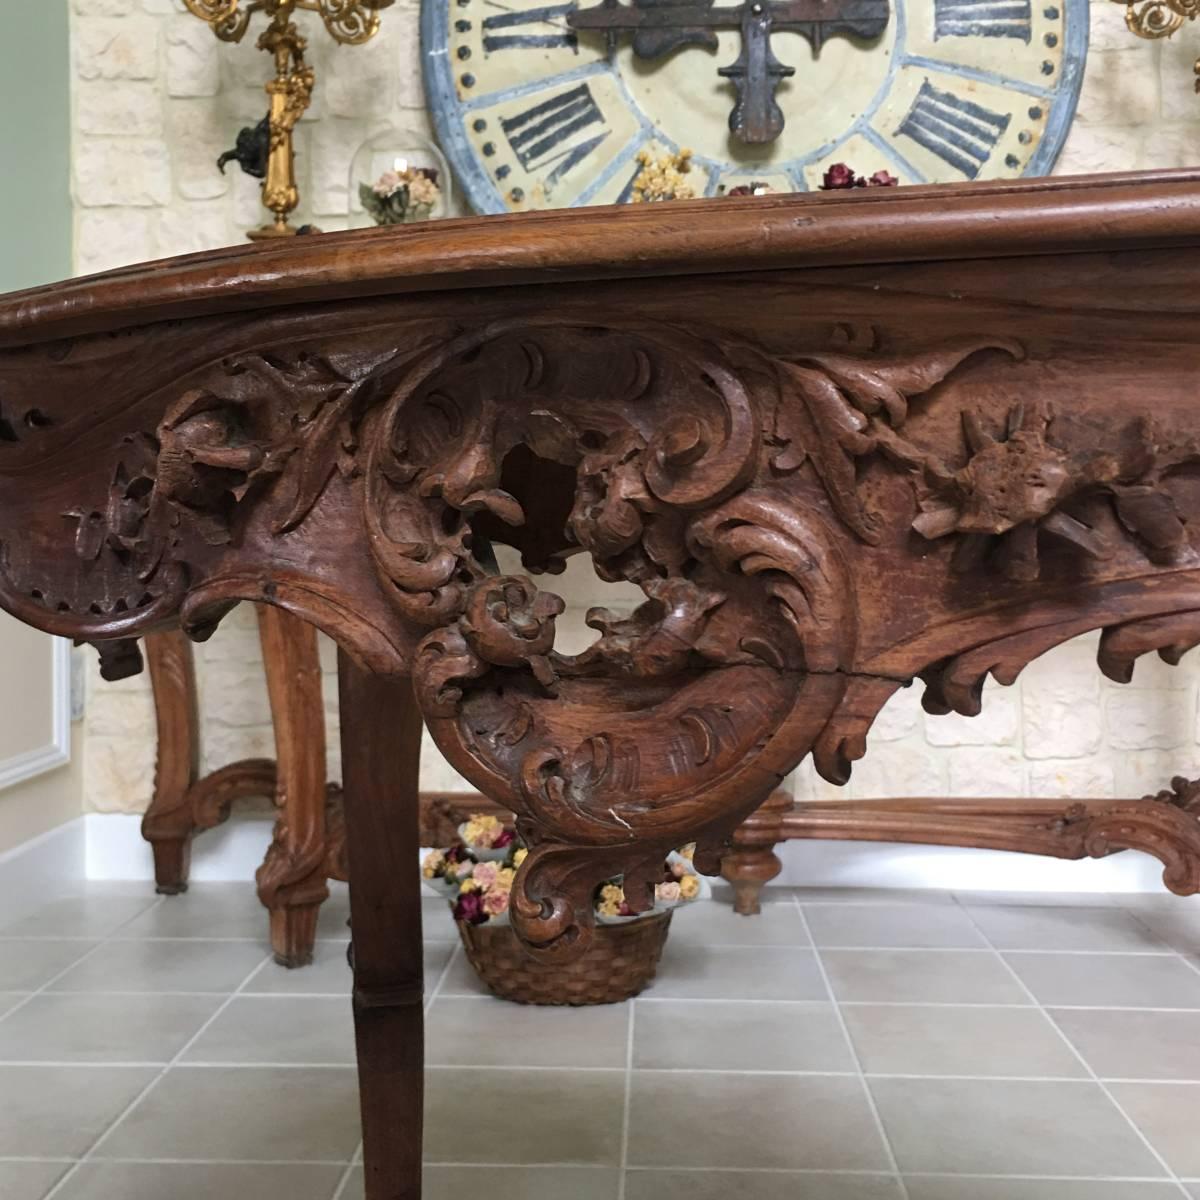 フランスアンティーク テーブル アンティークテーブル 19世紀 コンソールテーブル ルイ15世様式 ロココ様式 アンティーク家具_画像8